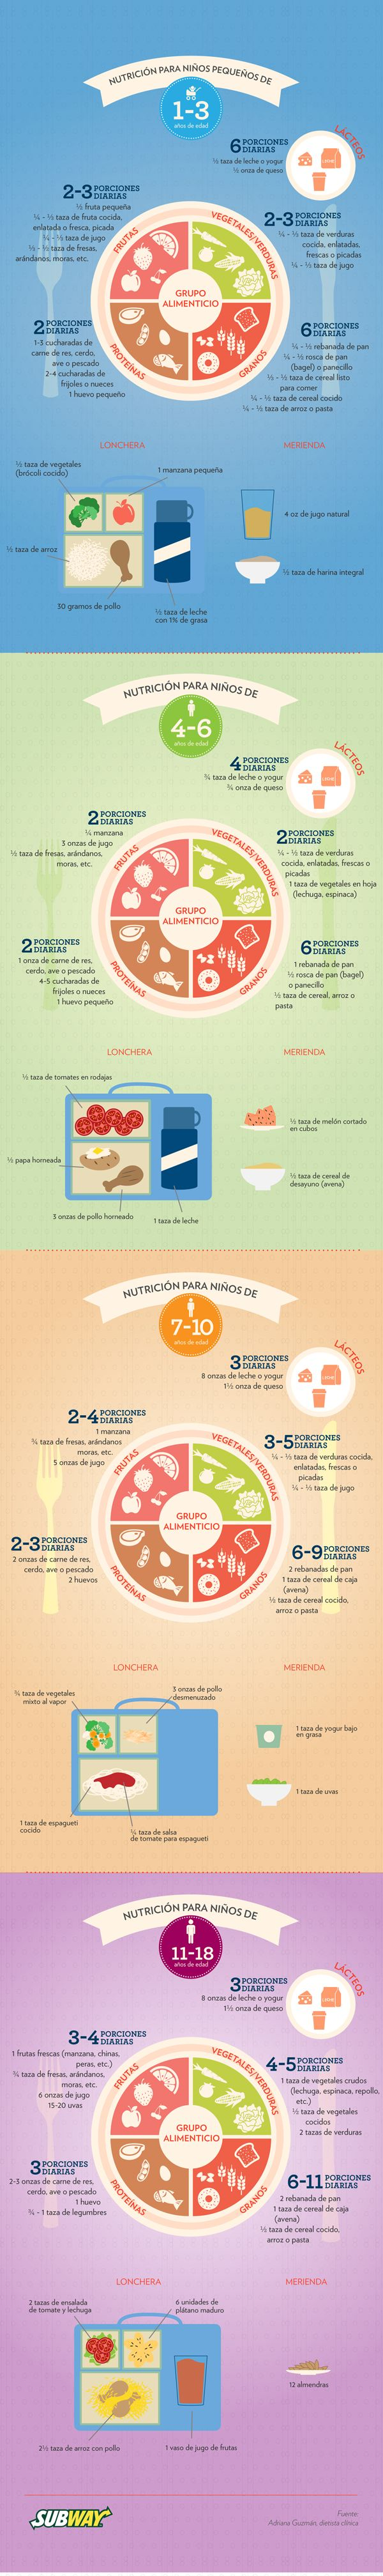 Los buenos hábitos alimenticios reducen el riesgo de padecer de diabetes e hipertensión